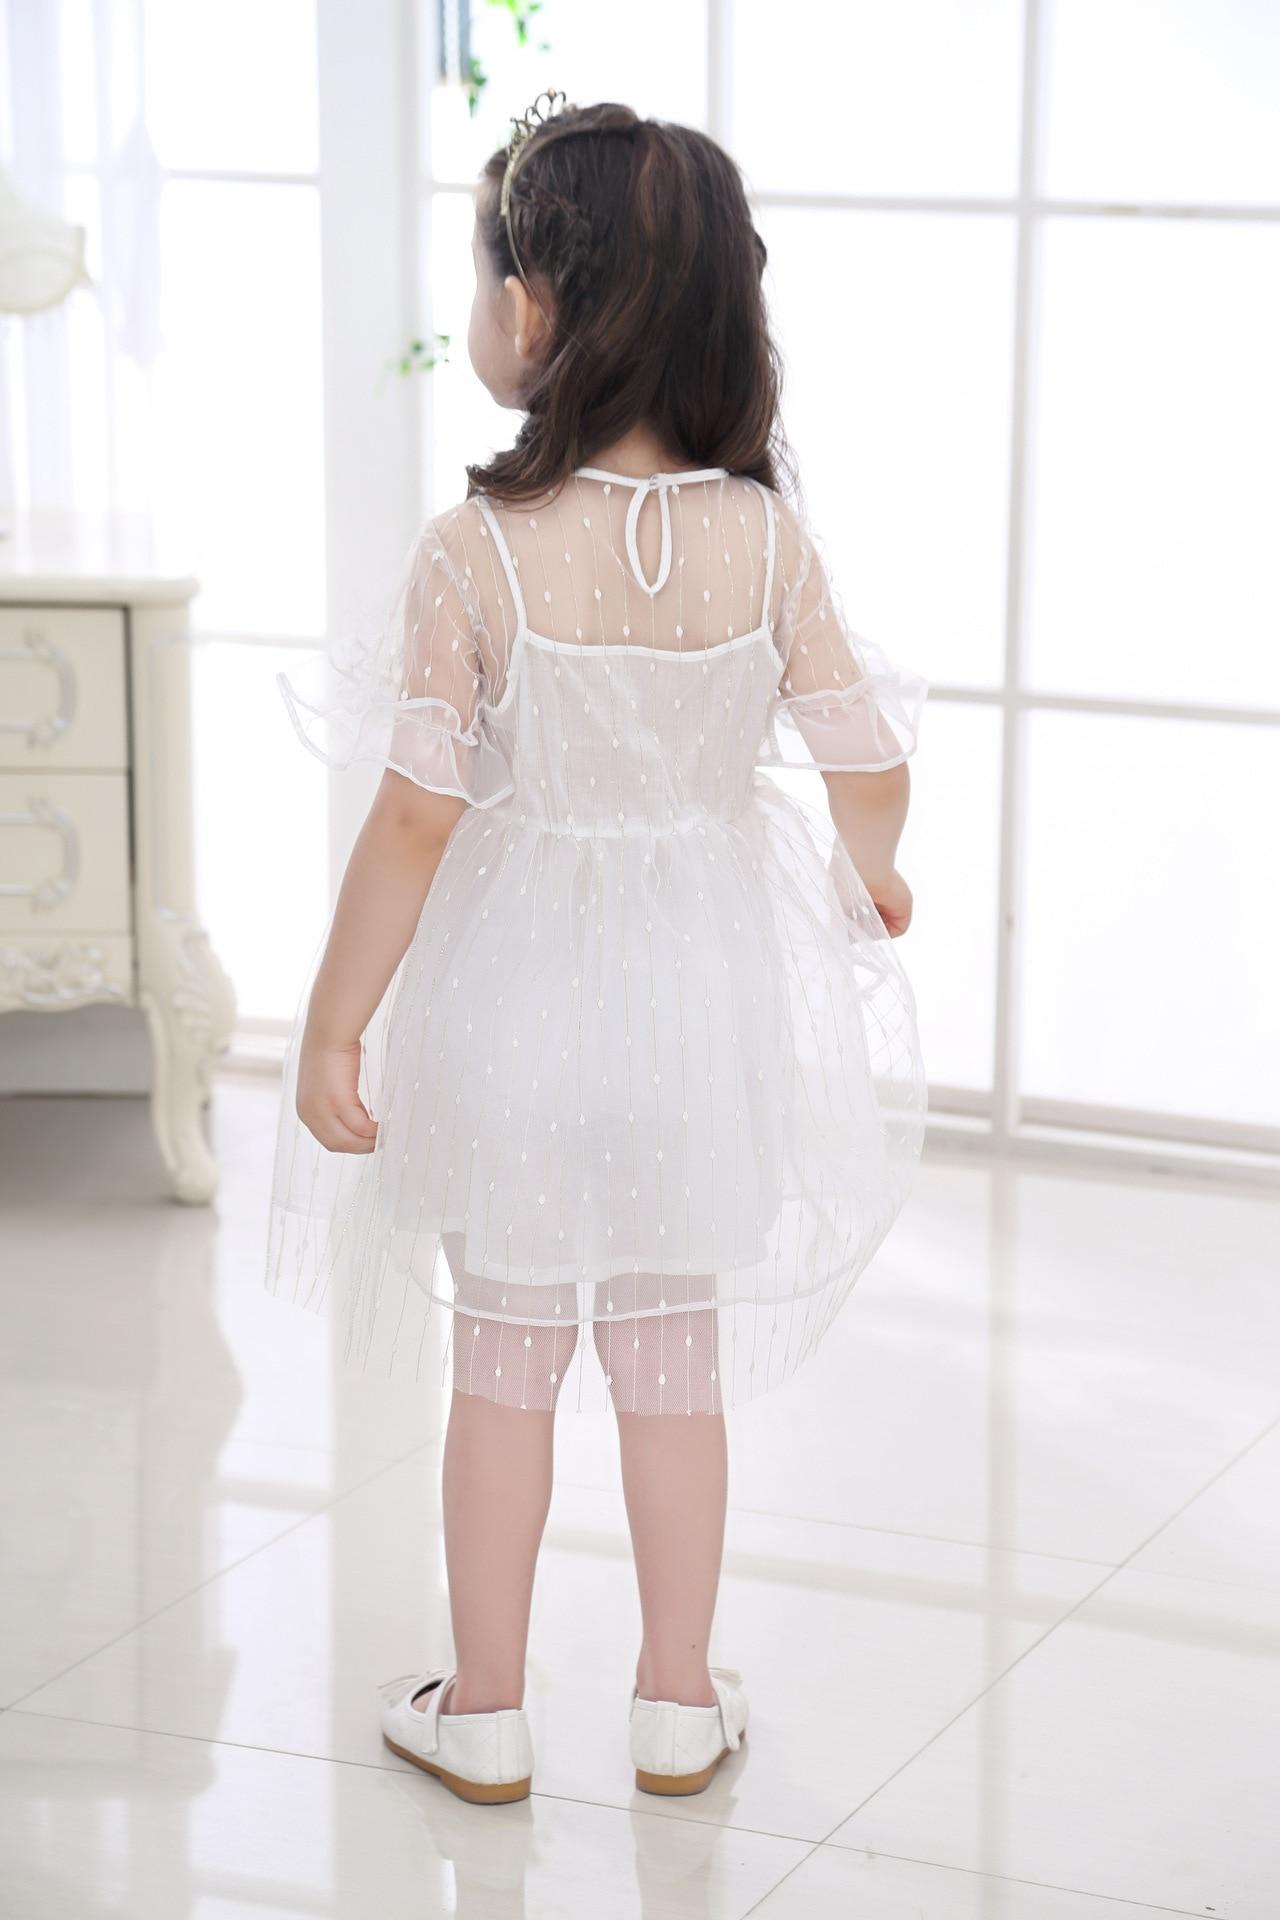 little-girls-black-and-white-dresses